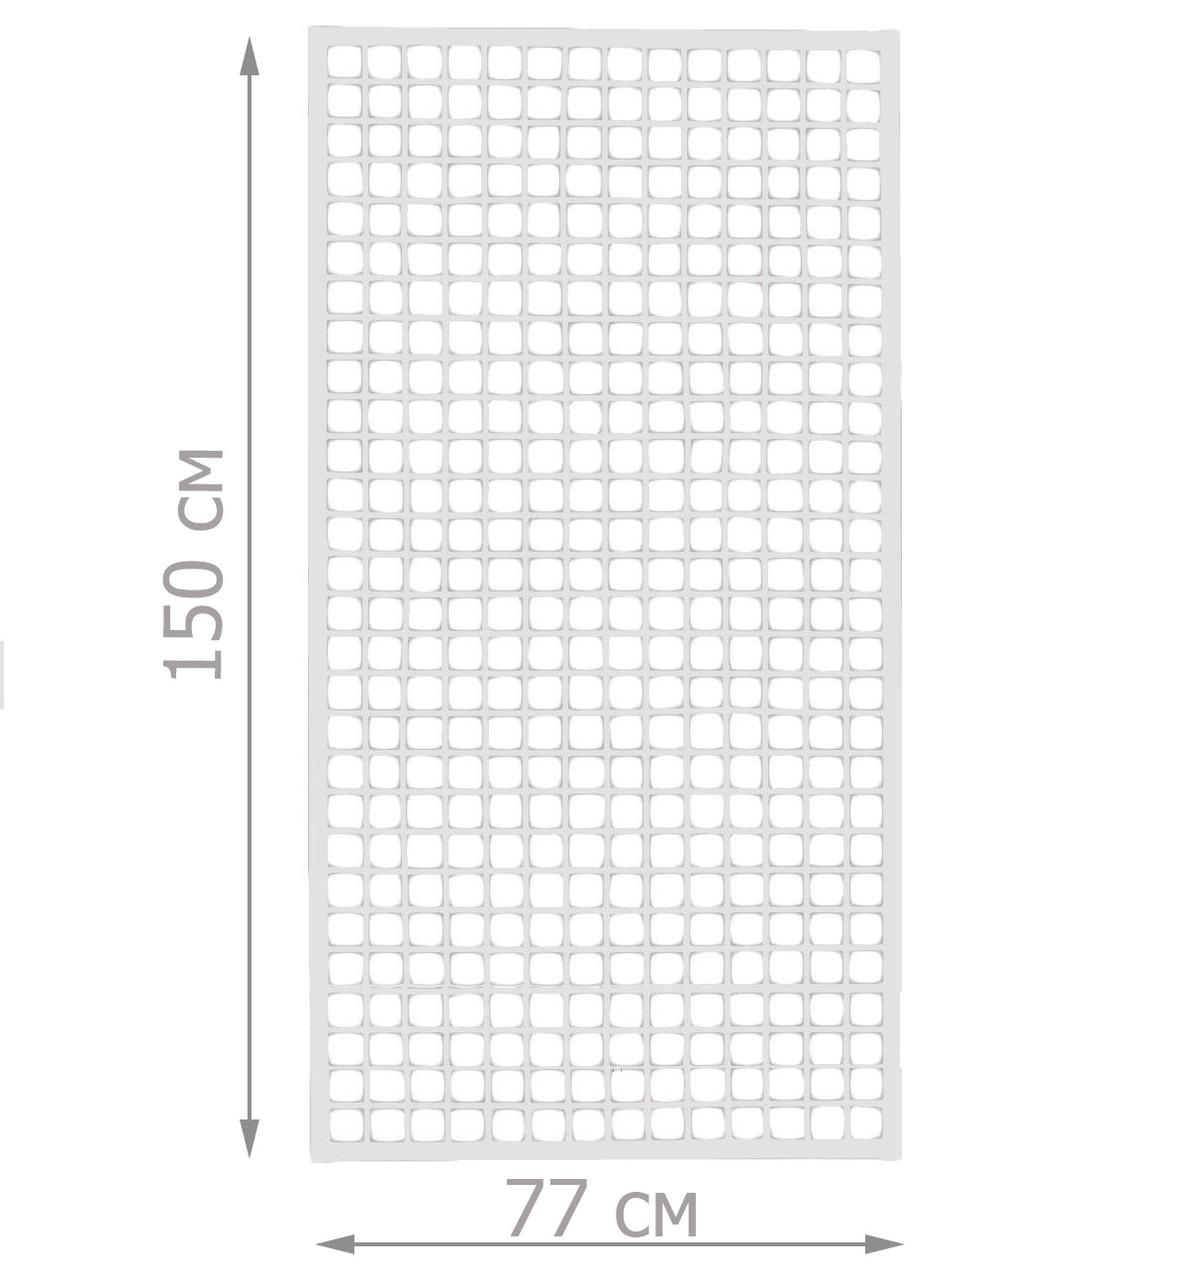 Торговая сетка стенд в рамке 77/150см (от производителя оптом и в розницу)